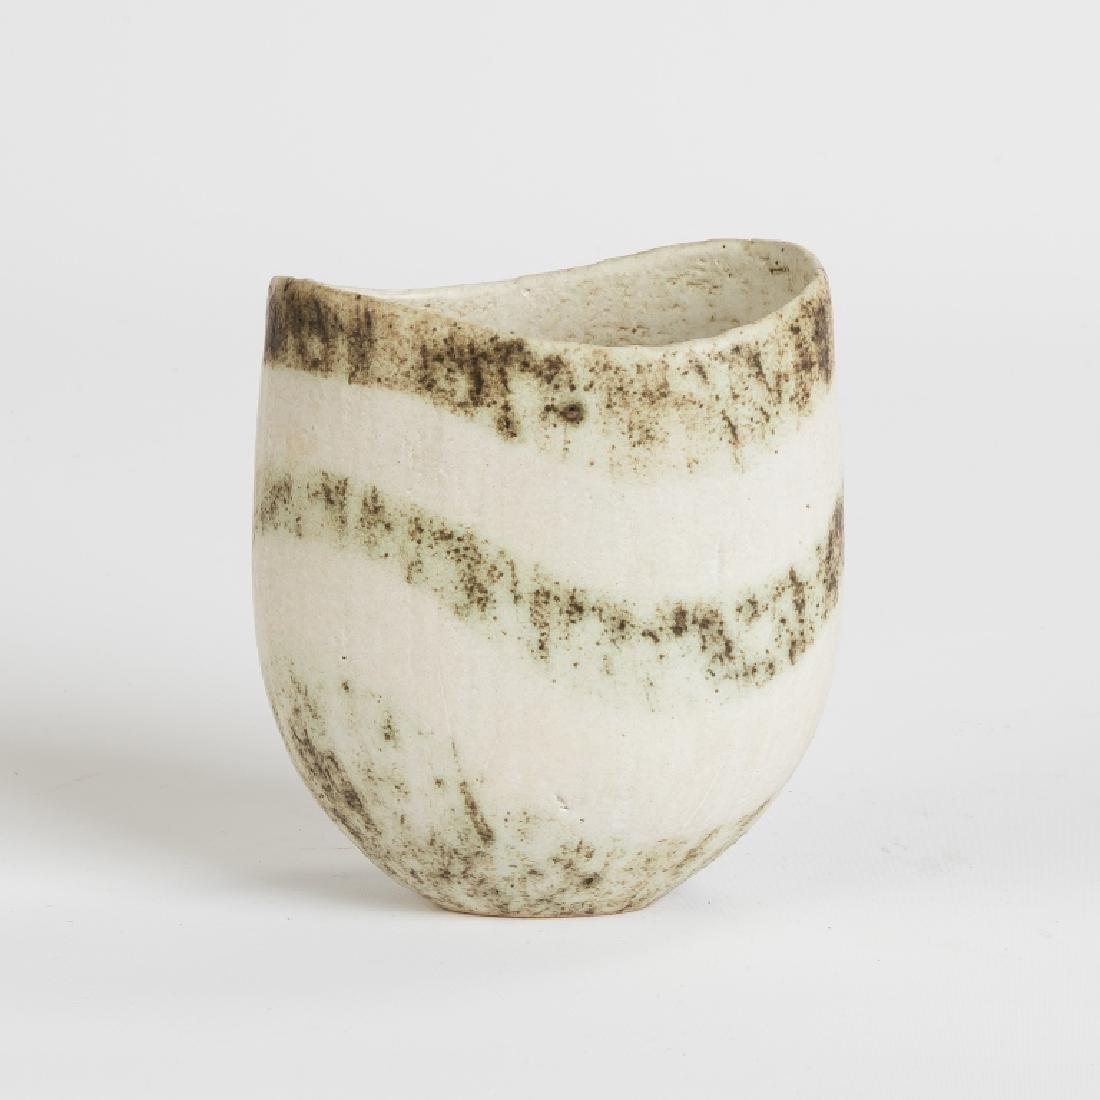 John Ward (English, born 1938) Vase with White and